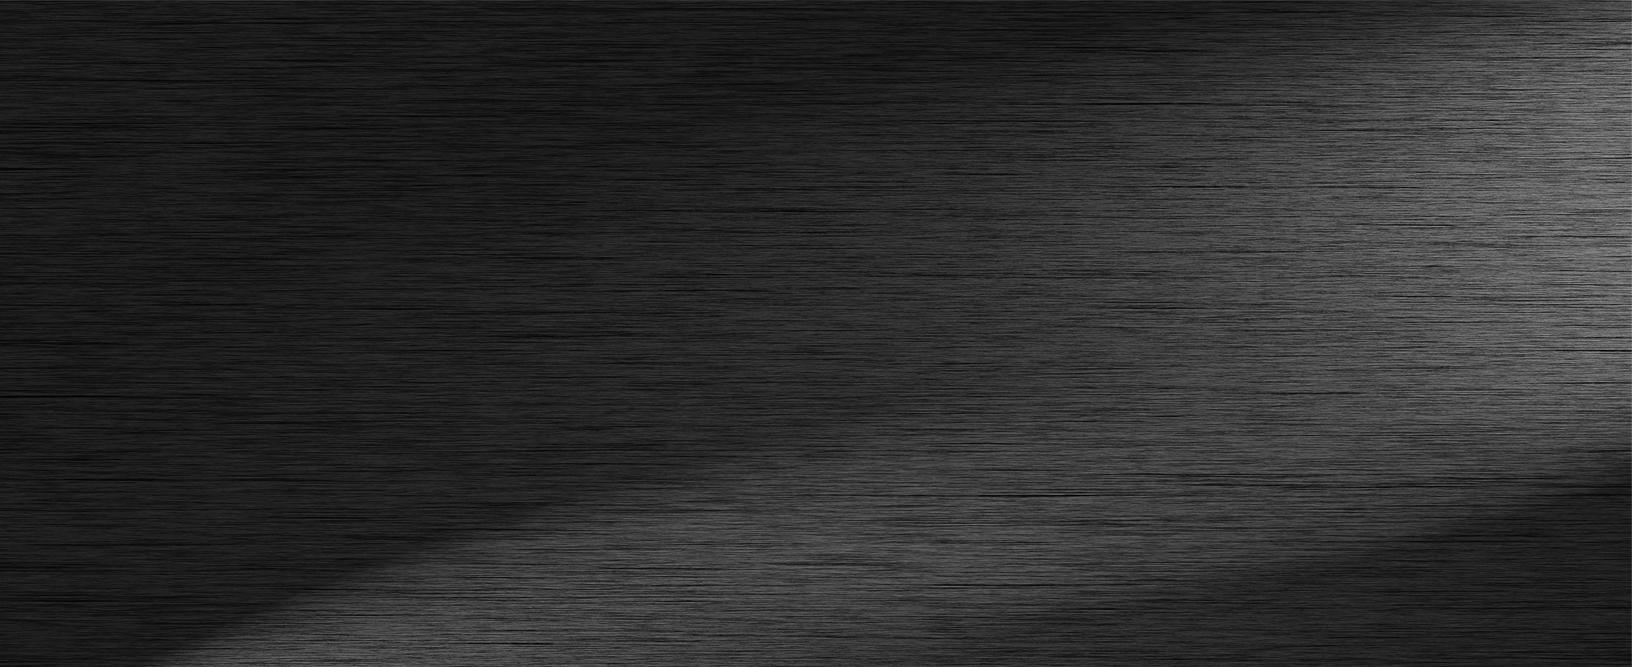 Black-box-commercial-services-gradient